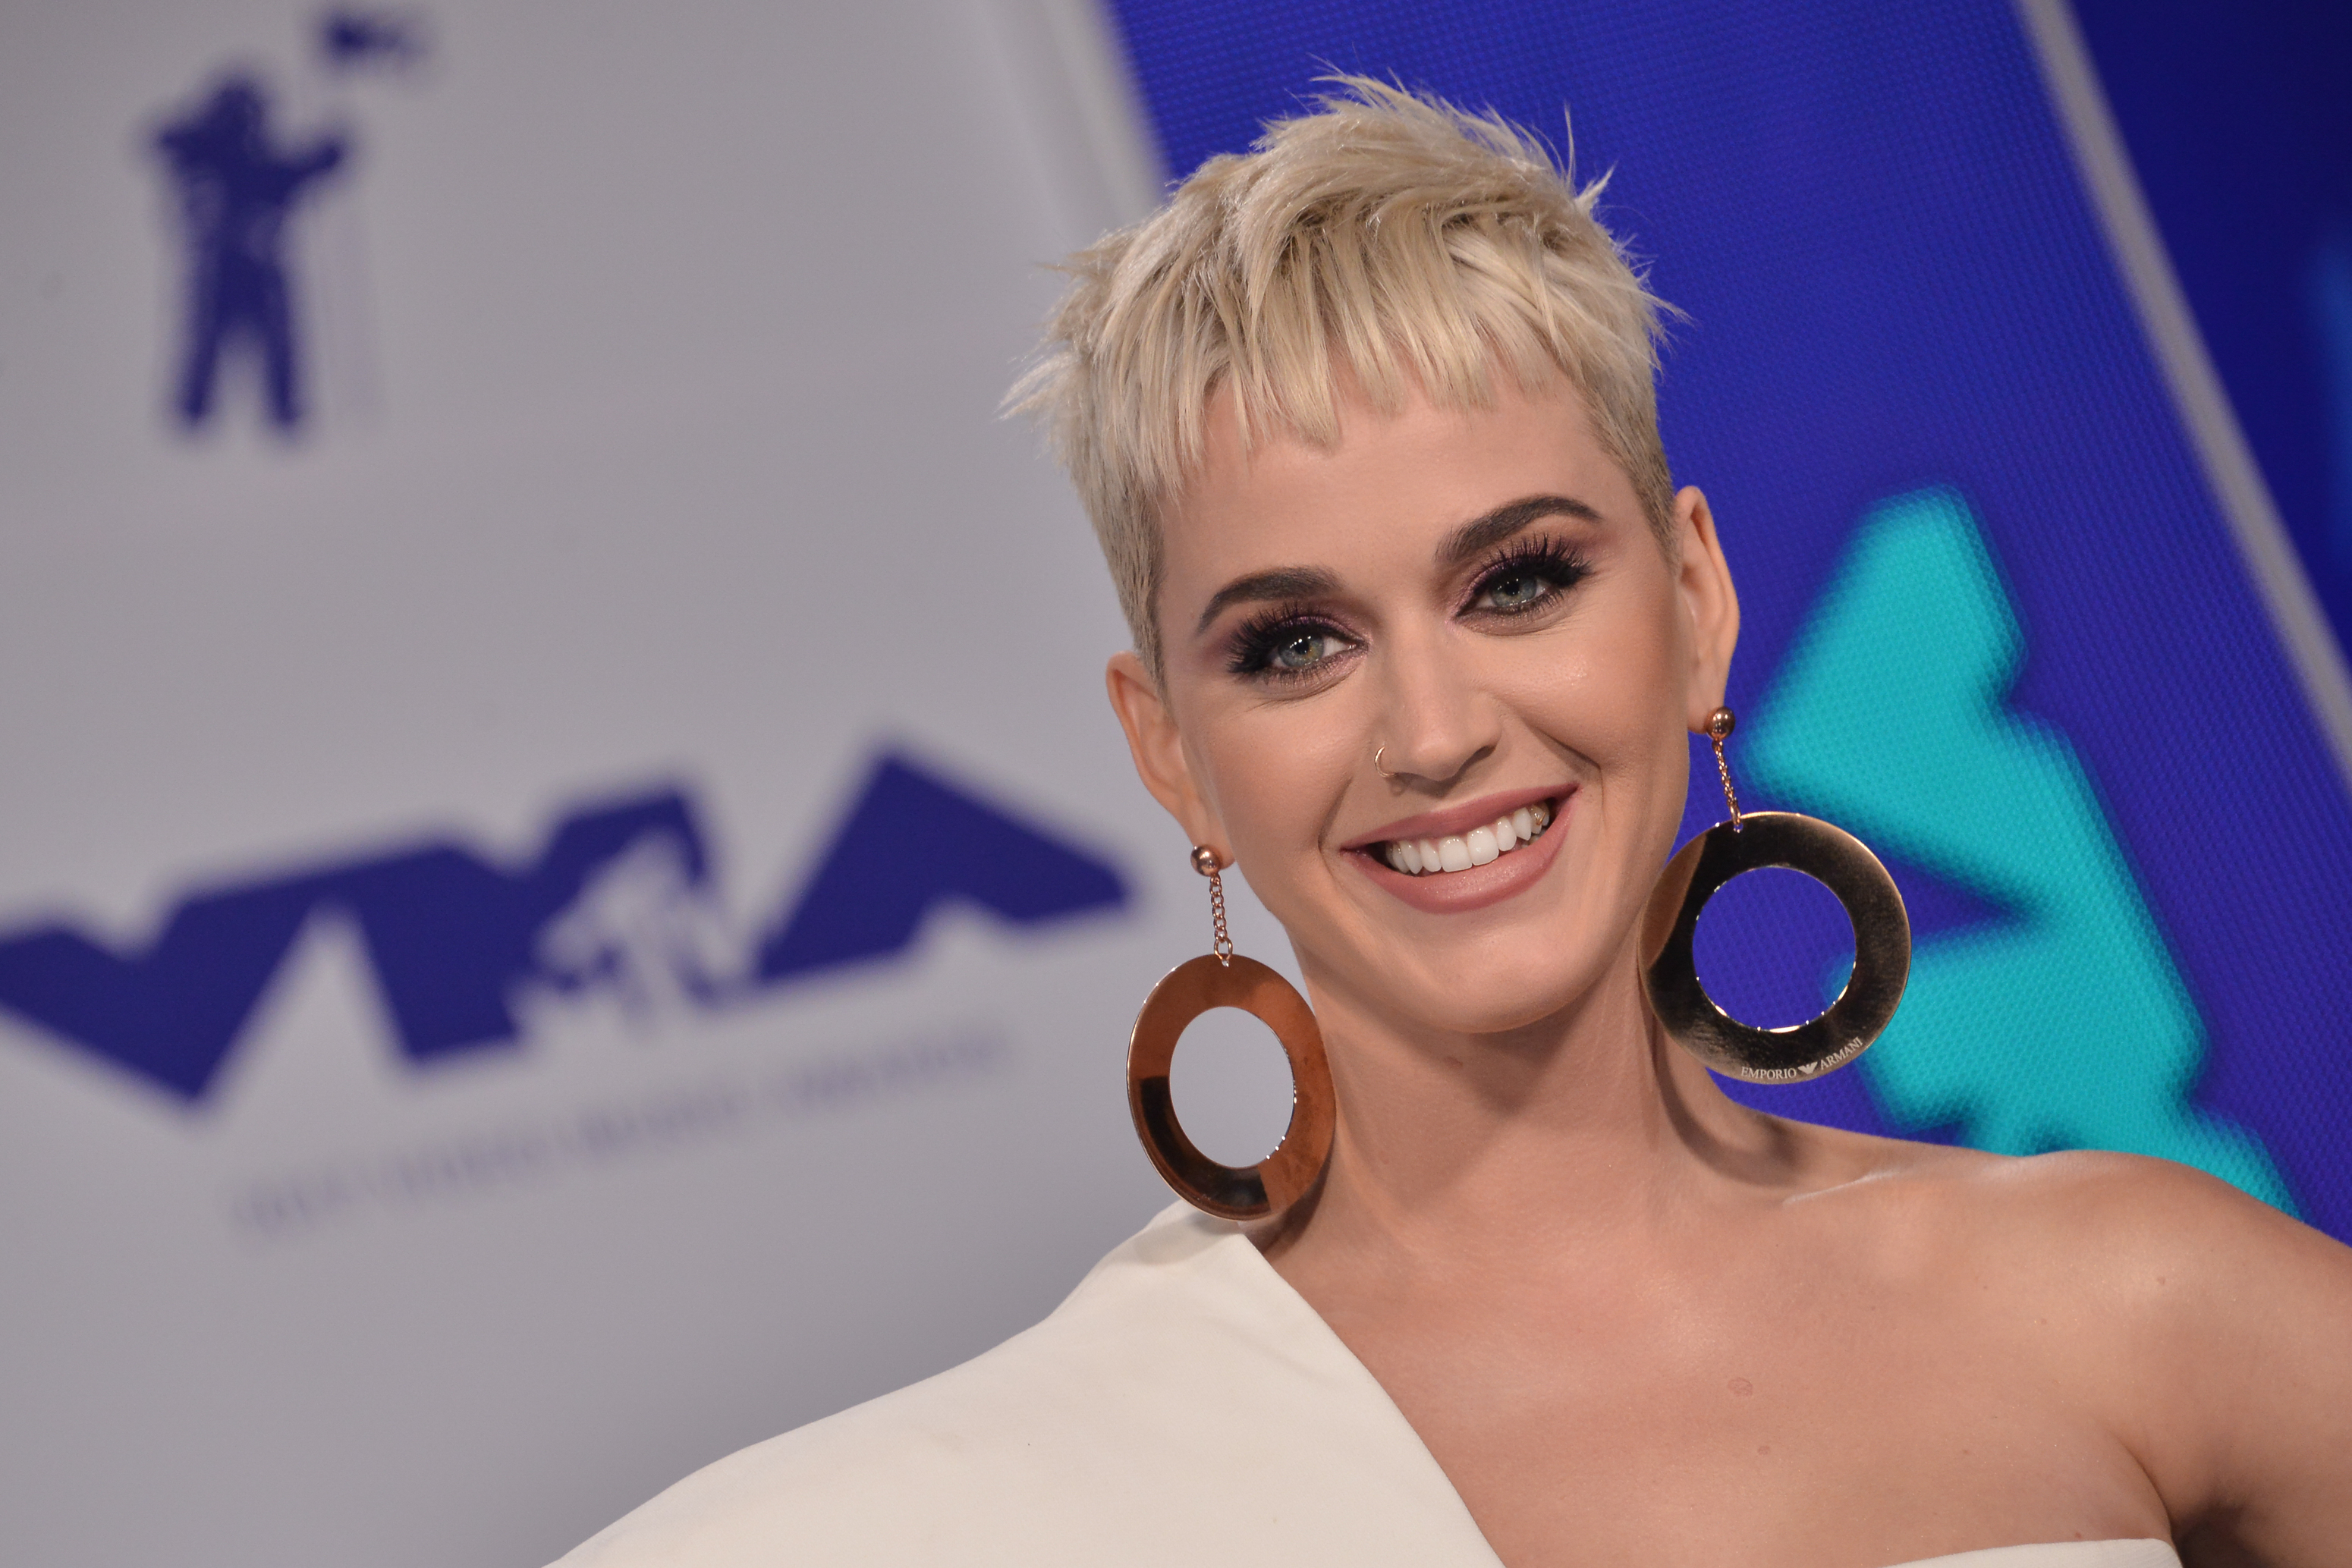 Katy Perry at the MTV VMAs 2017